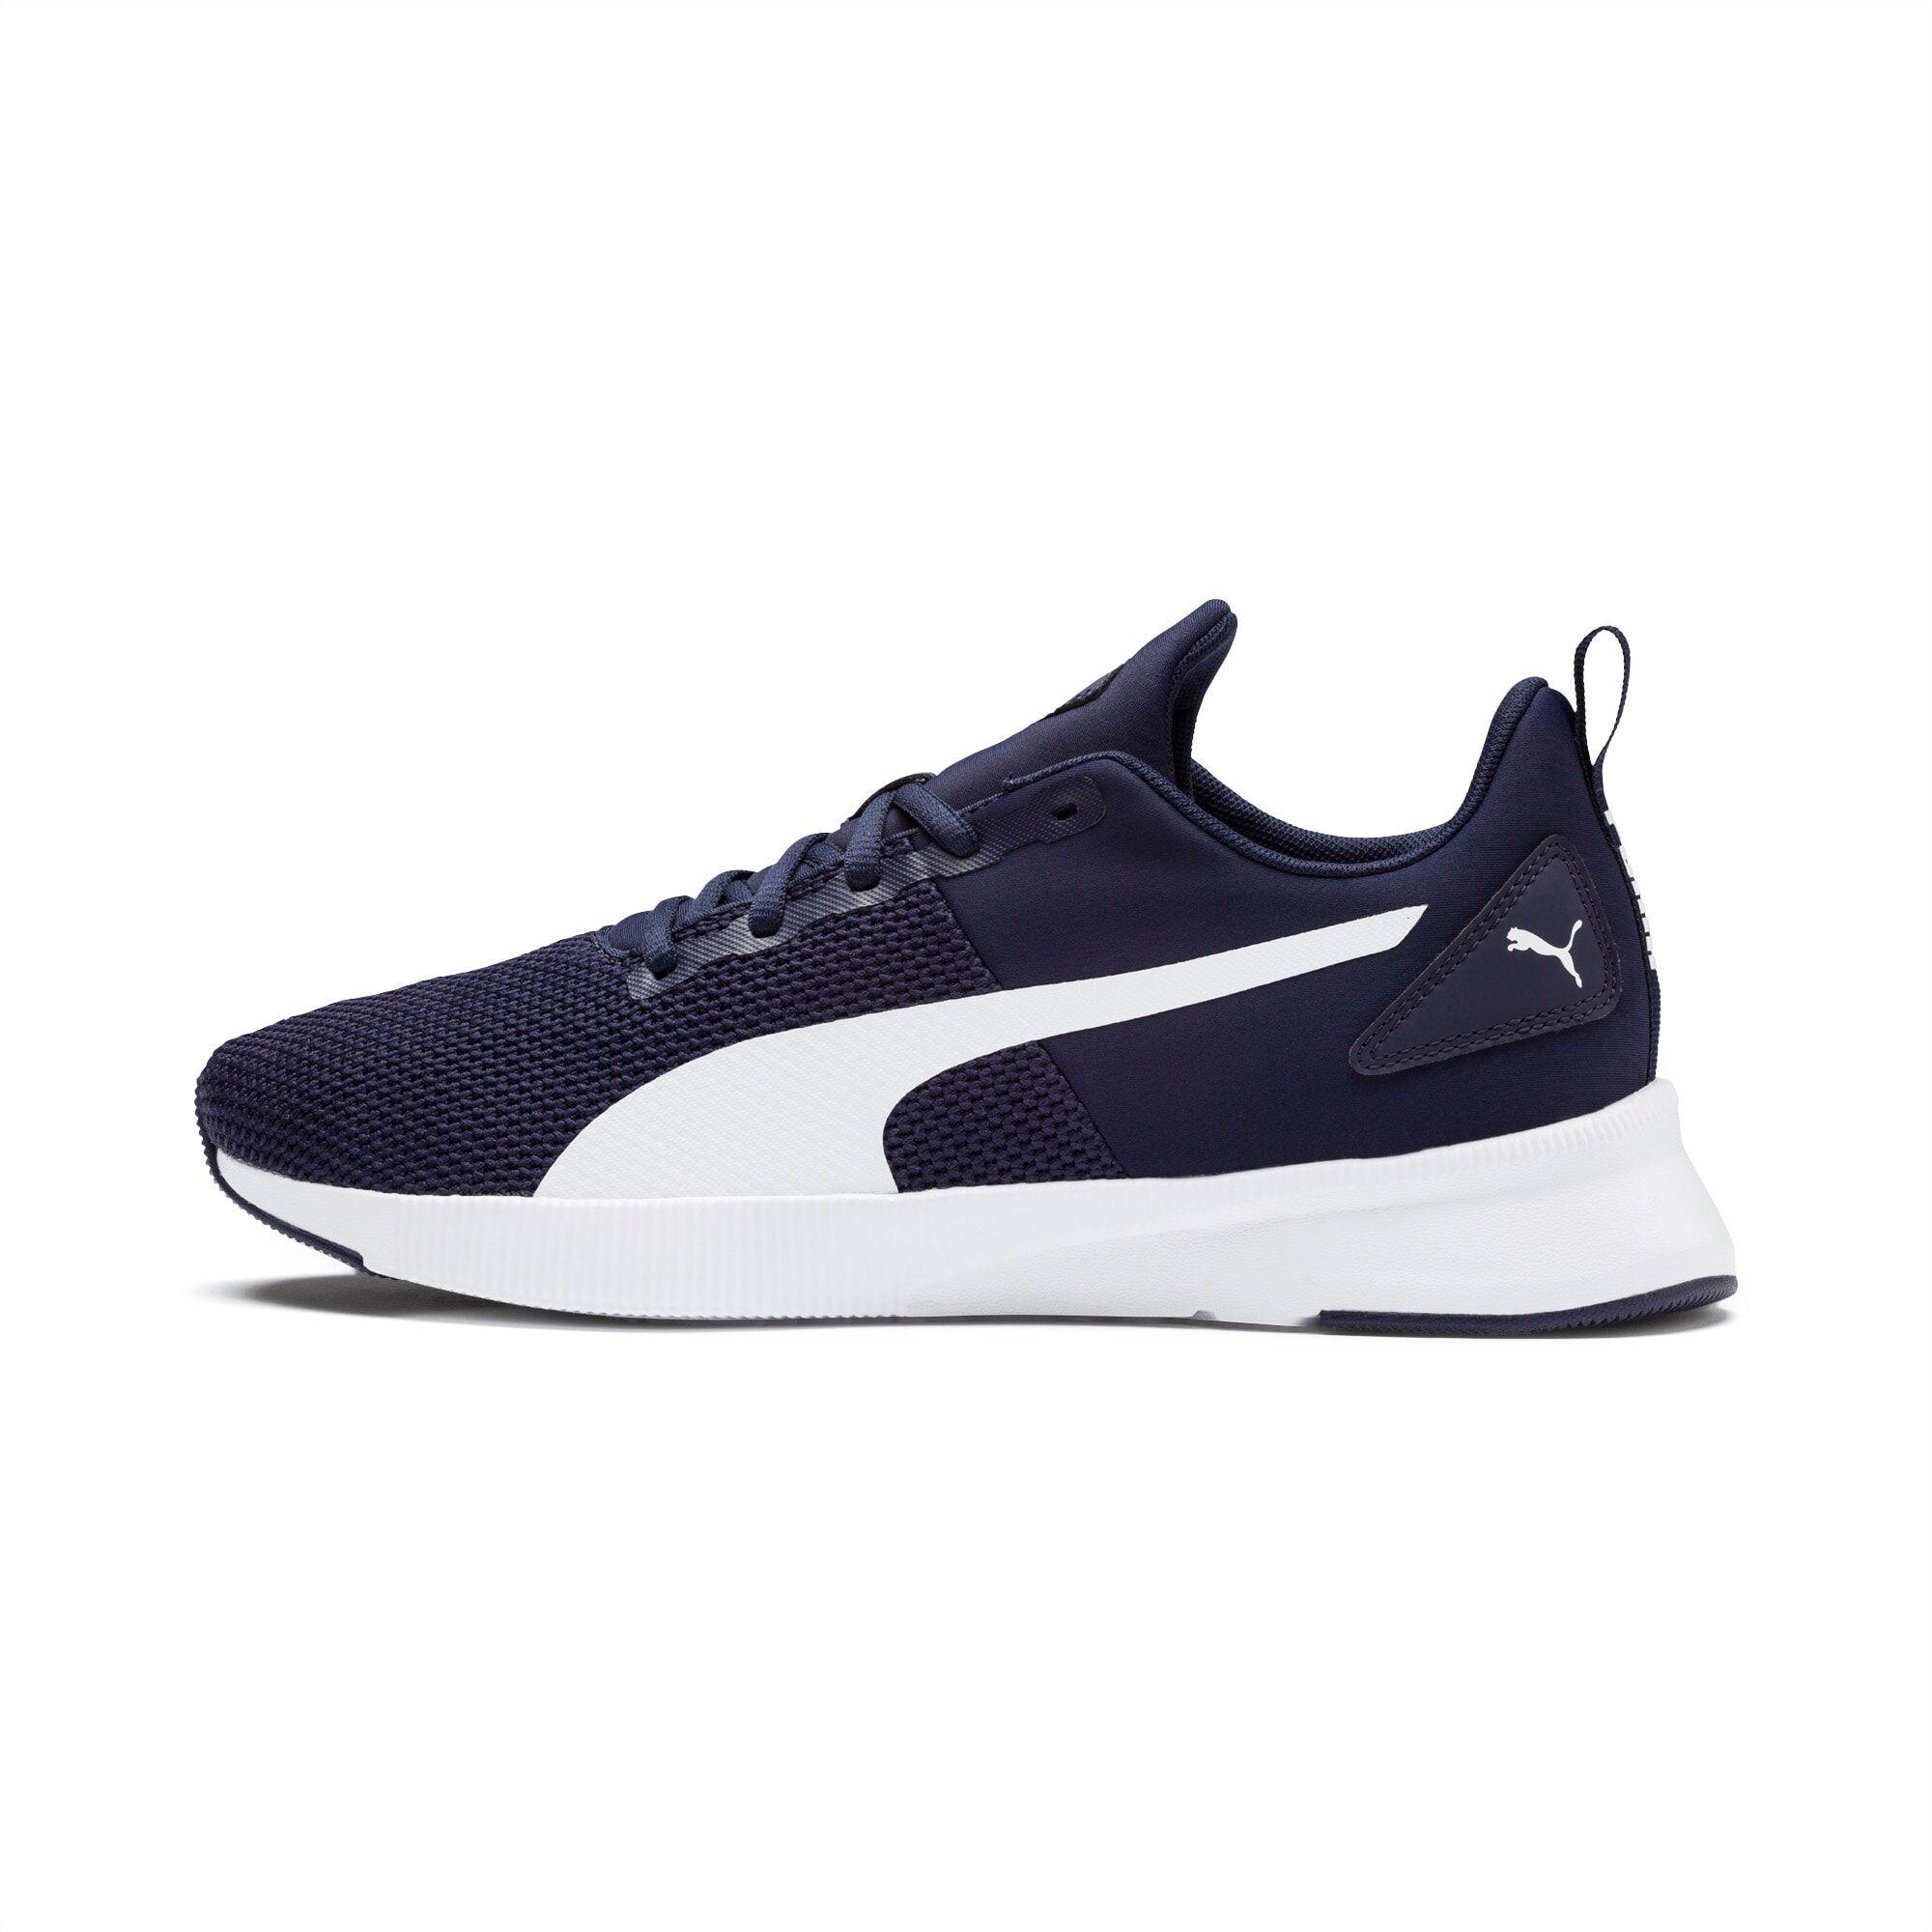 PUMA Chaussure de course Flyer Runner, Bleu/Blanc, Taille 40, Chaussures